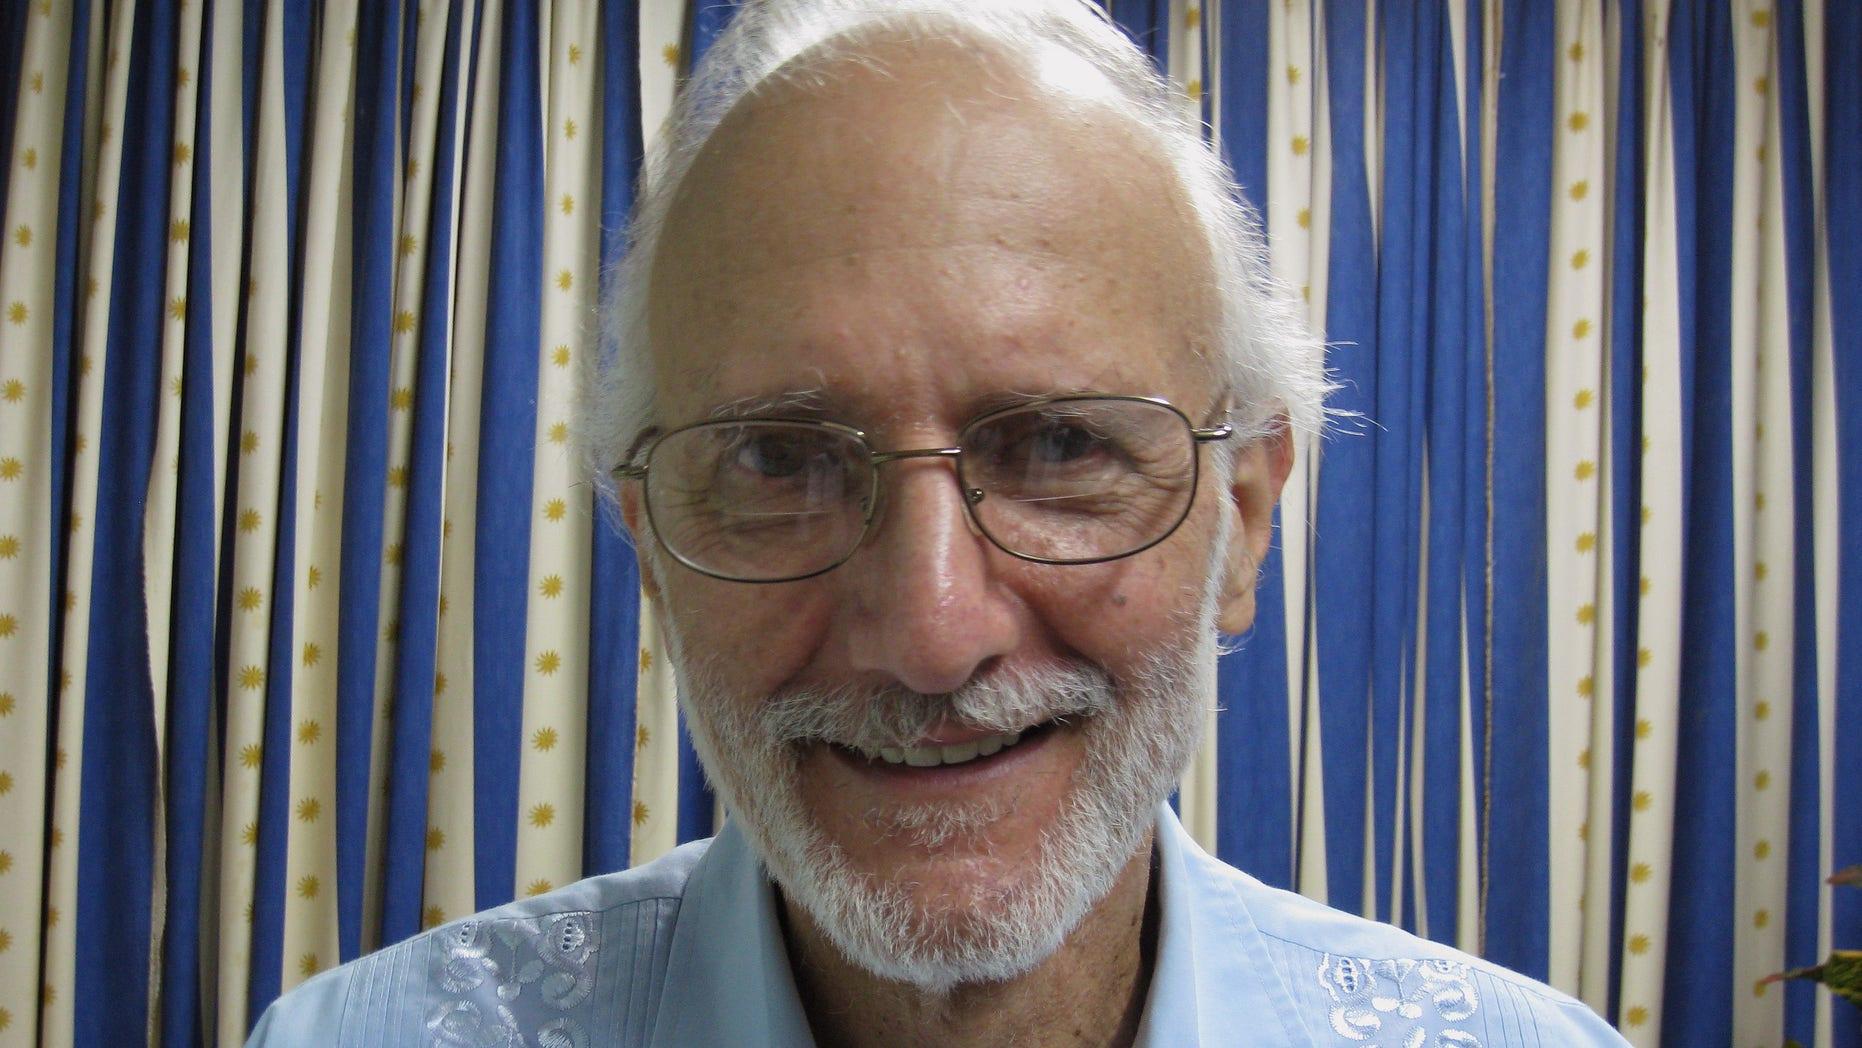 Fotografía proporcionada por James L. Berenthal en la que posa Alan Gross, estadounidense encarcelado en Cuba, durante una visita del rabino Elie Abadie y el abogado Berenthal al hospital militar Finlay en La Habana, el martes 27 de noviembre de 2012. El gobierno cubano negó que Gross tenga un tumor canceroso (Foto AP/James L. Berenthal)